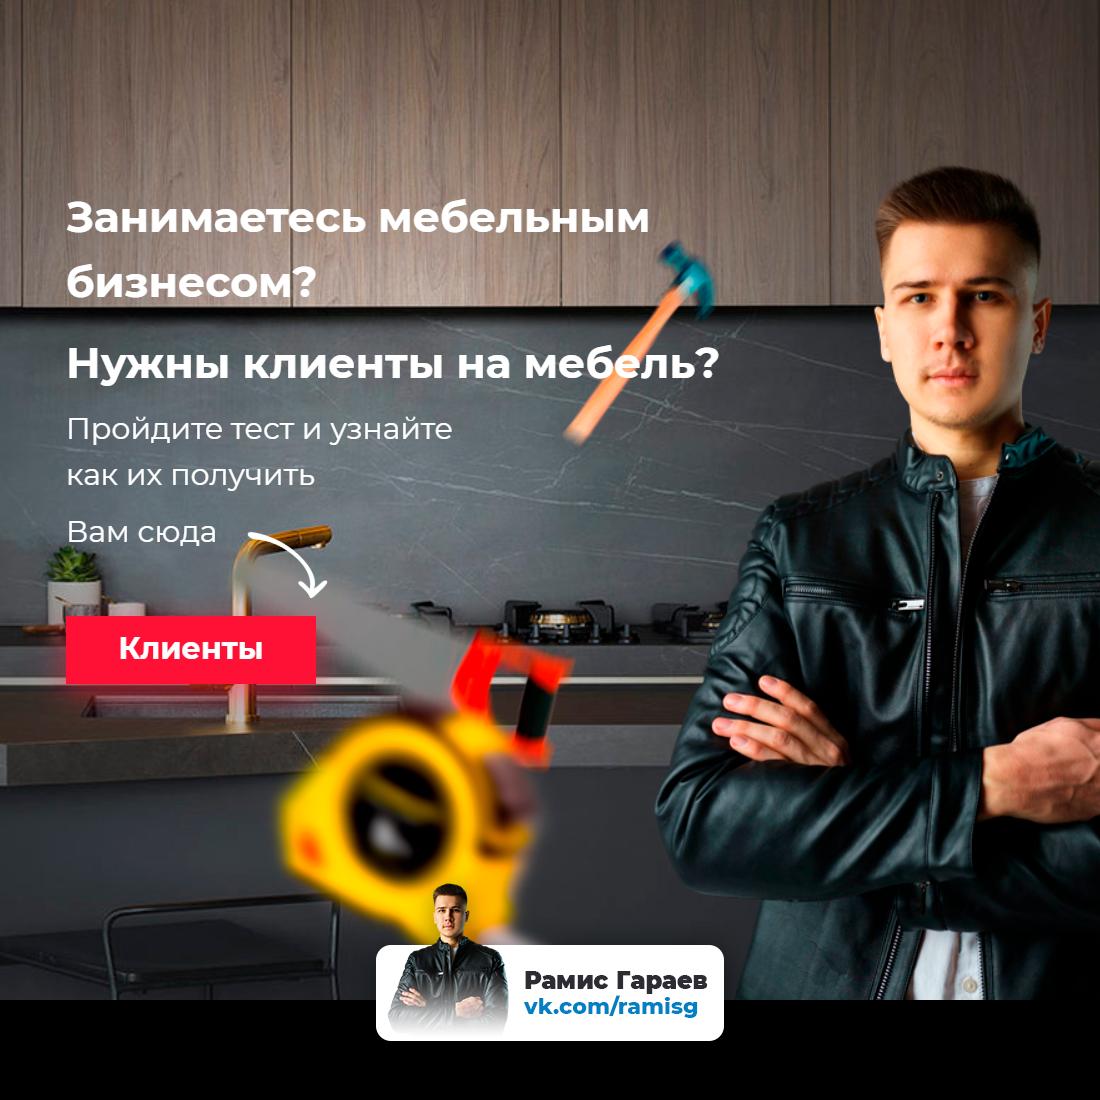 Дизайн сайт Стартовой страницы  фото f_9125e4659a96540a.png